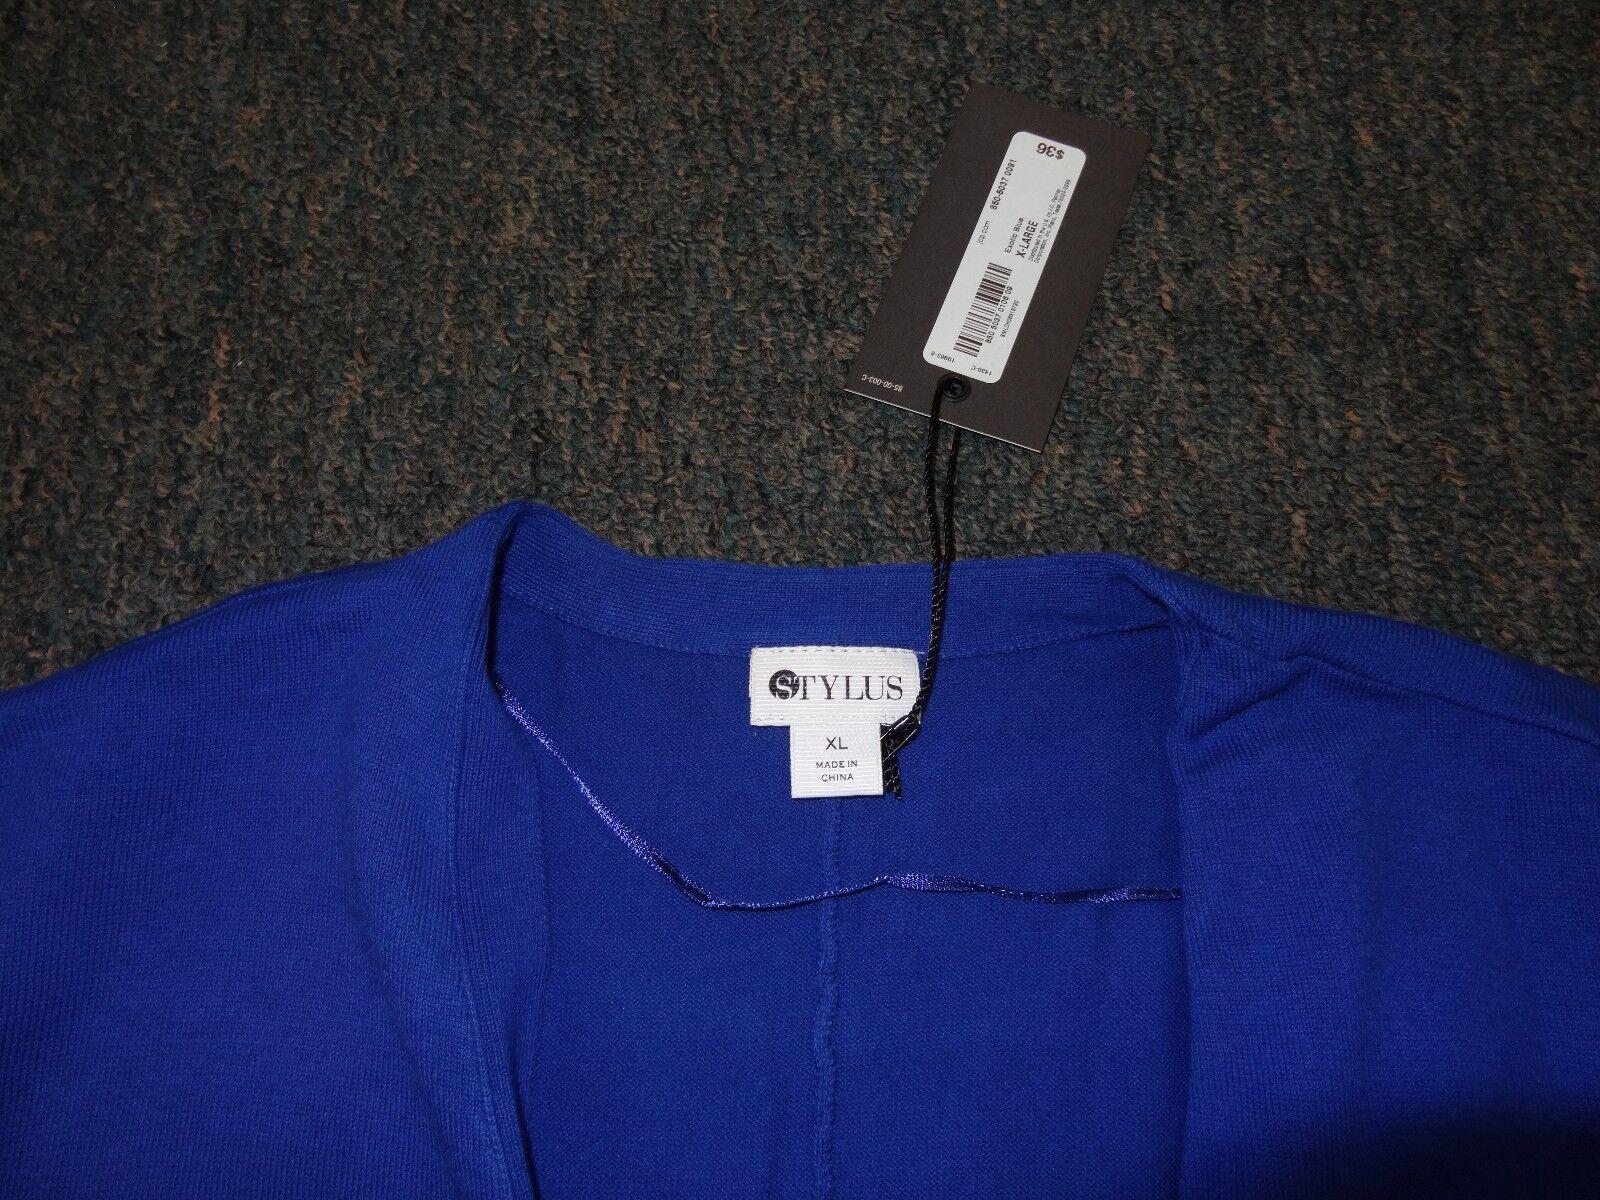 WOMENS SIZE XL XL XL ROYAL blueE DOLMAN CARDIGAN SWEATER BY STYLUS NWT 5b52ca